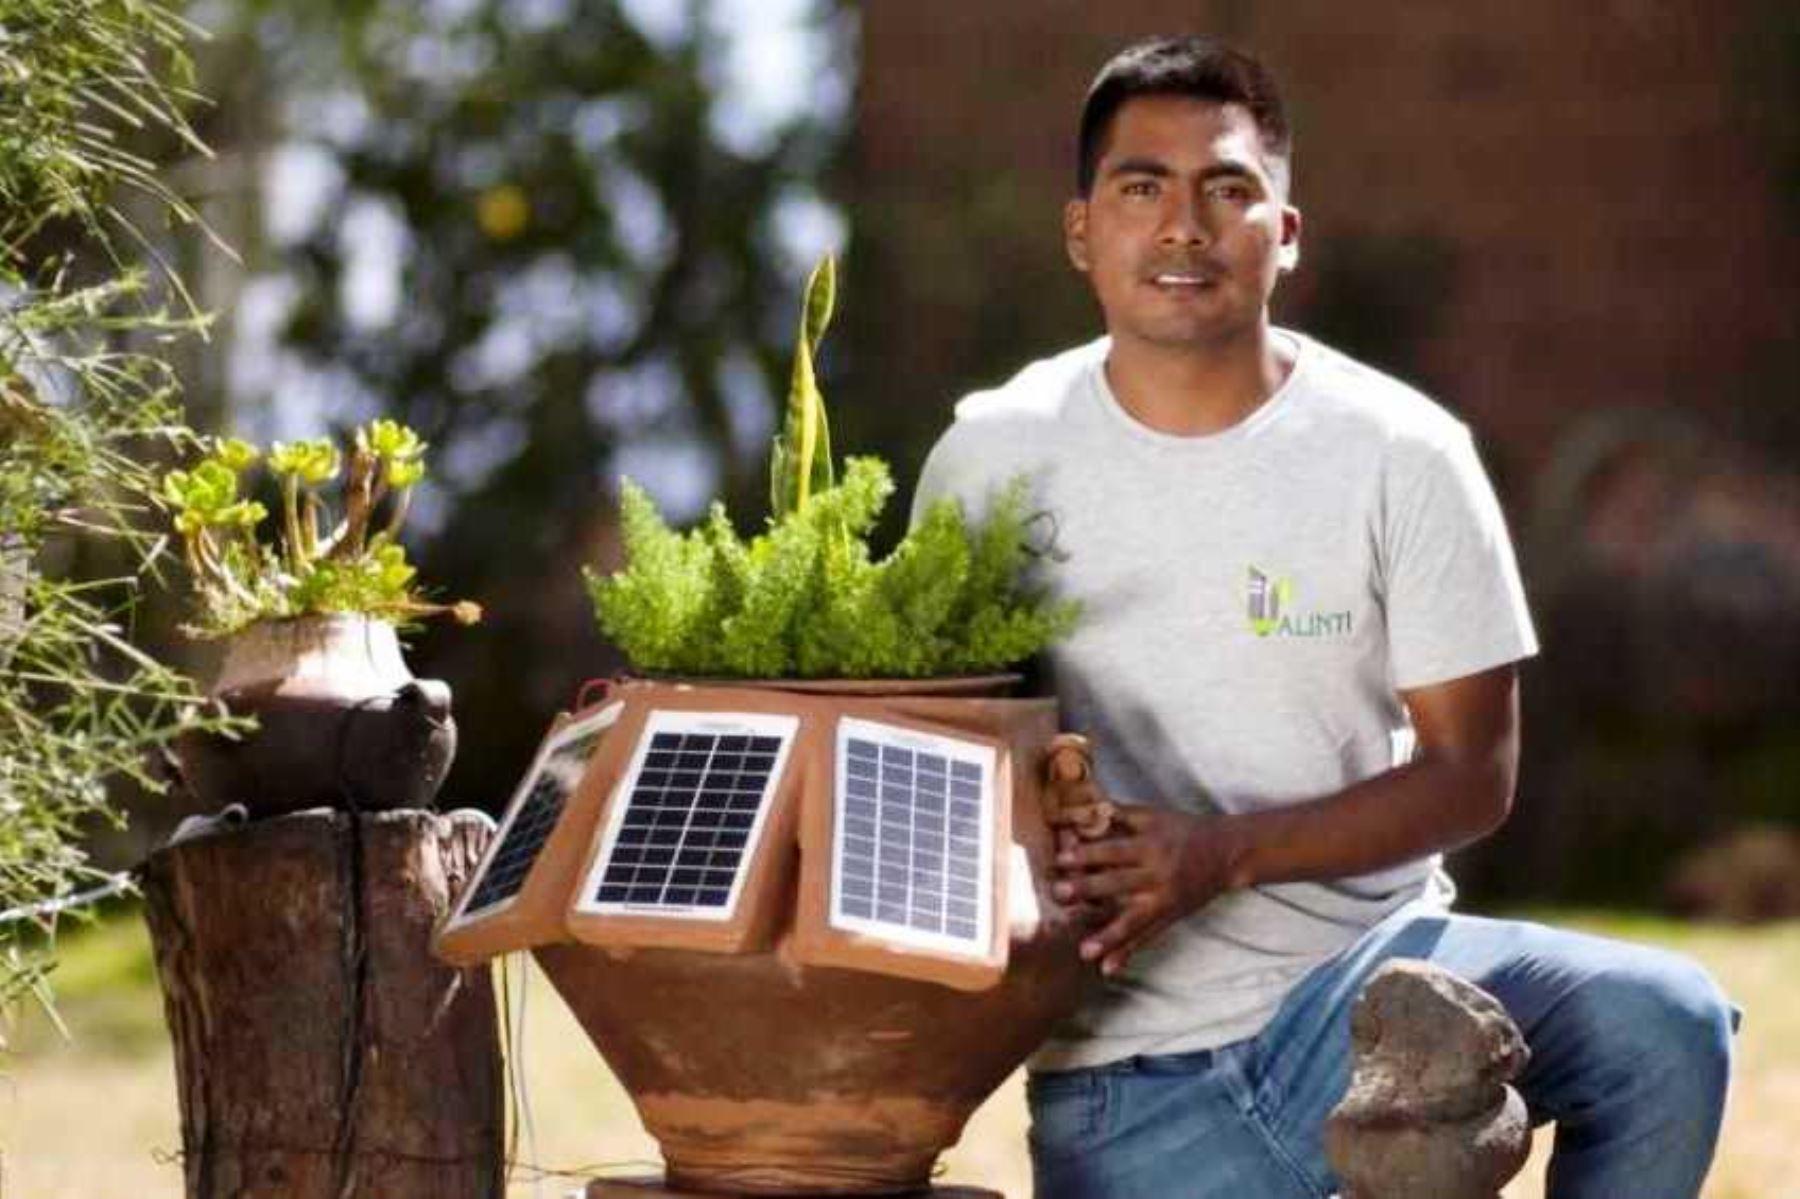 Proyecto Alinti, de Hernán Asto Cabezas, se ubicó entre los tres mejores en concurso internacional de medio ambiente. Foto: ANDINA/Difusión.